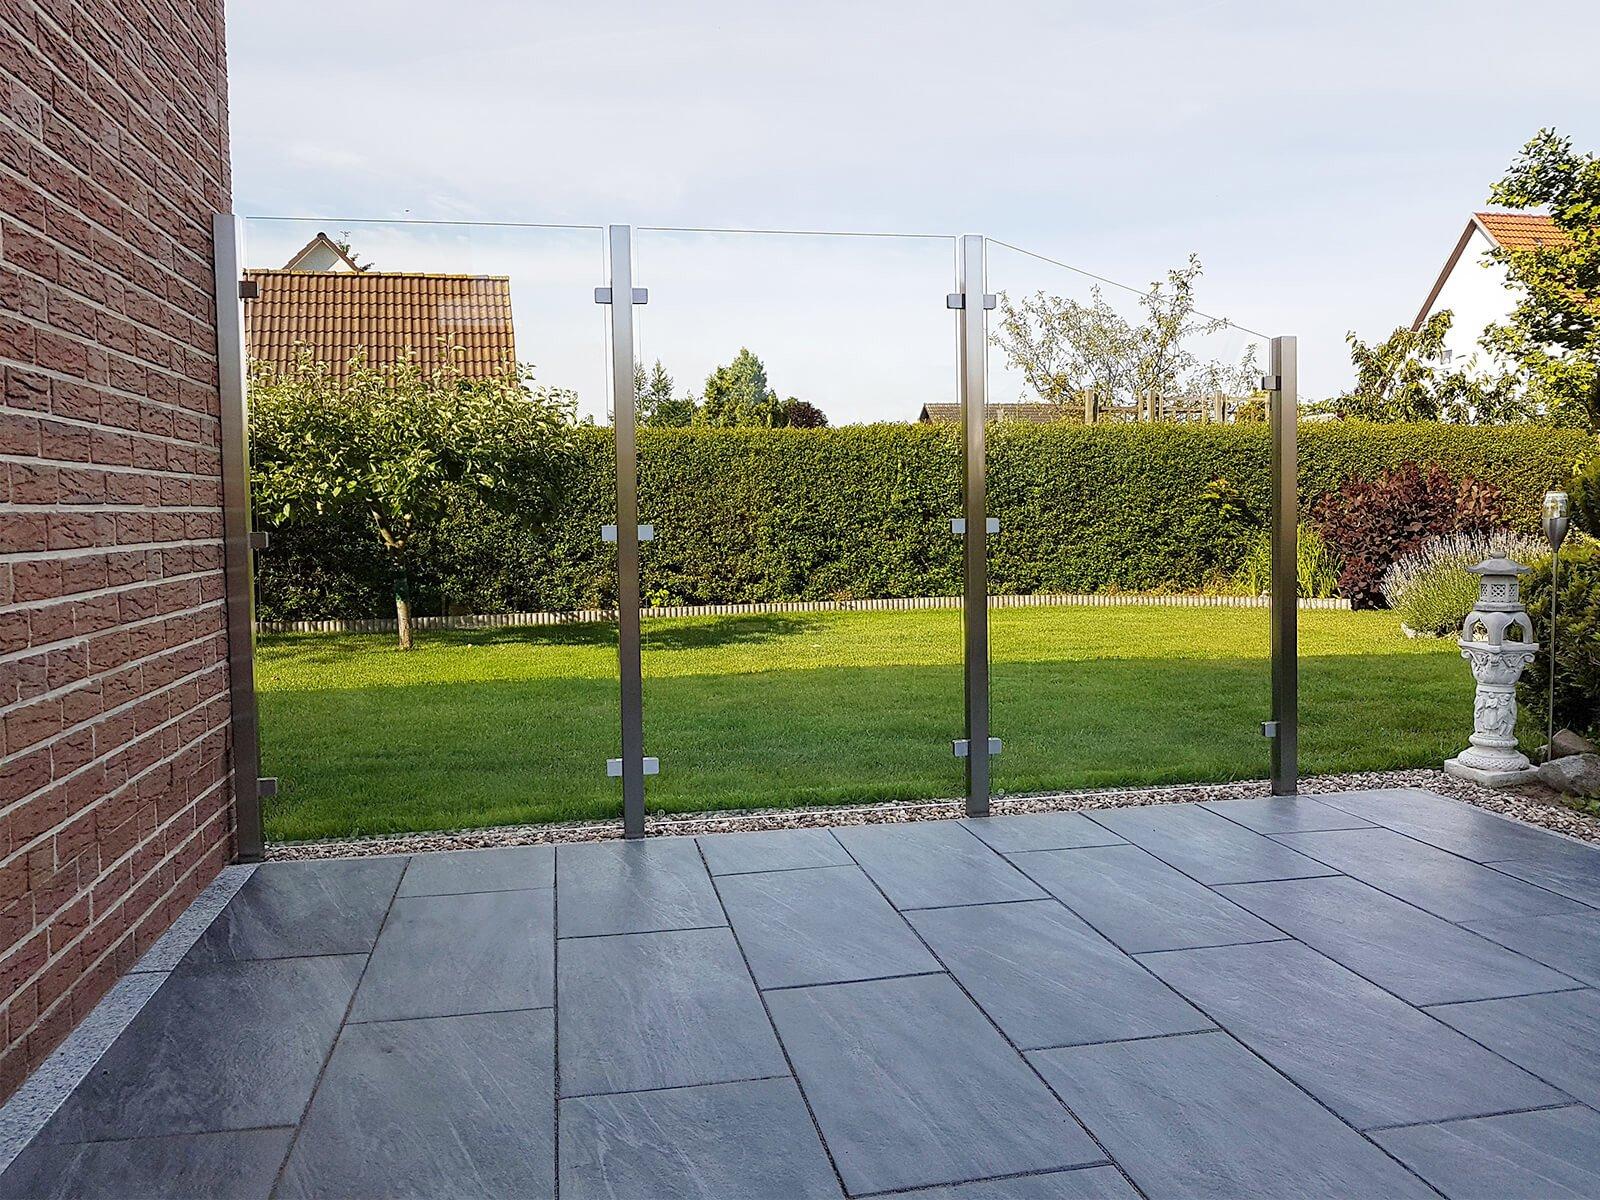 glaszaun-mit-windschutz-feng-ohne- sichteinschraenkung-aus-glas-zeitloses-design-fuer-garten-und terrasse